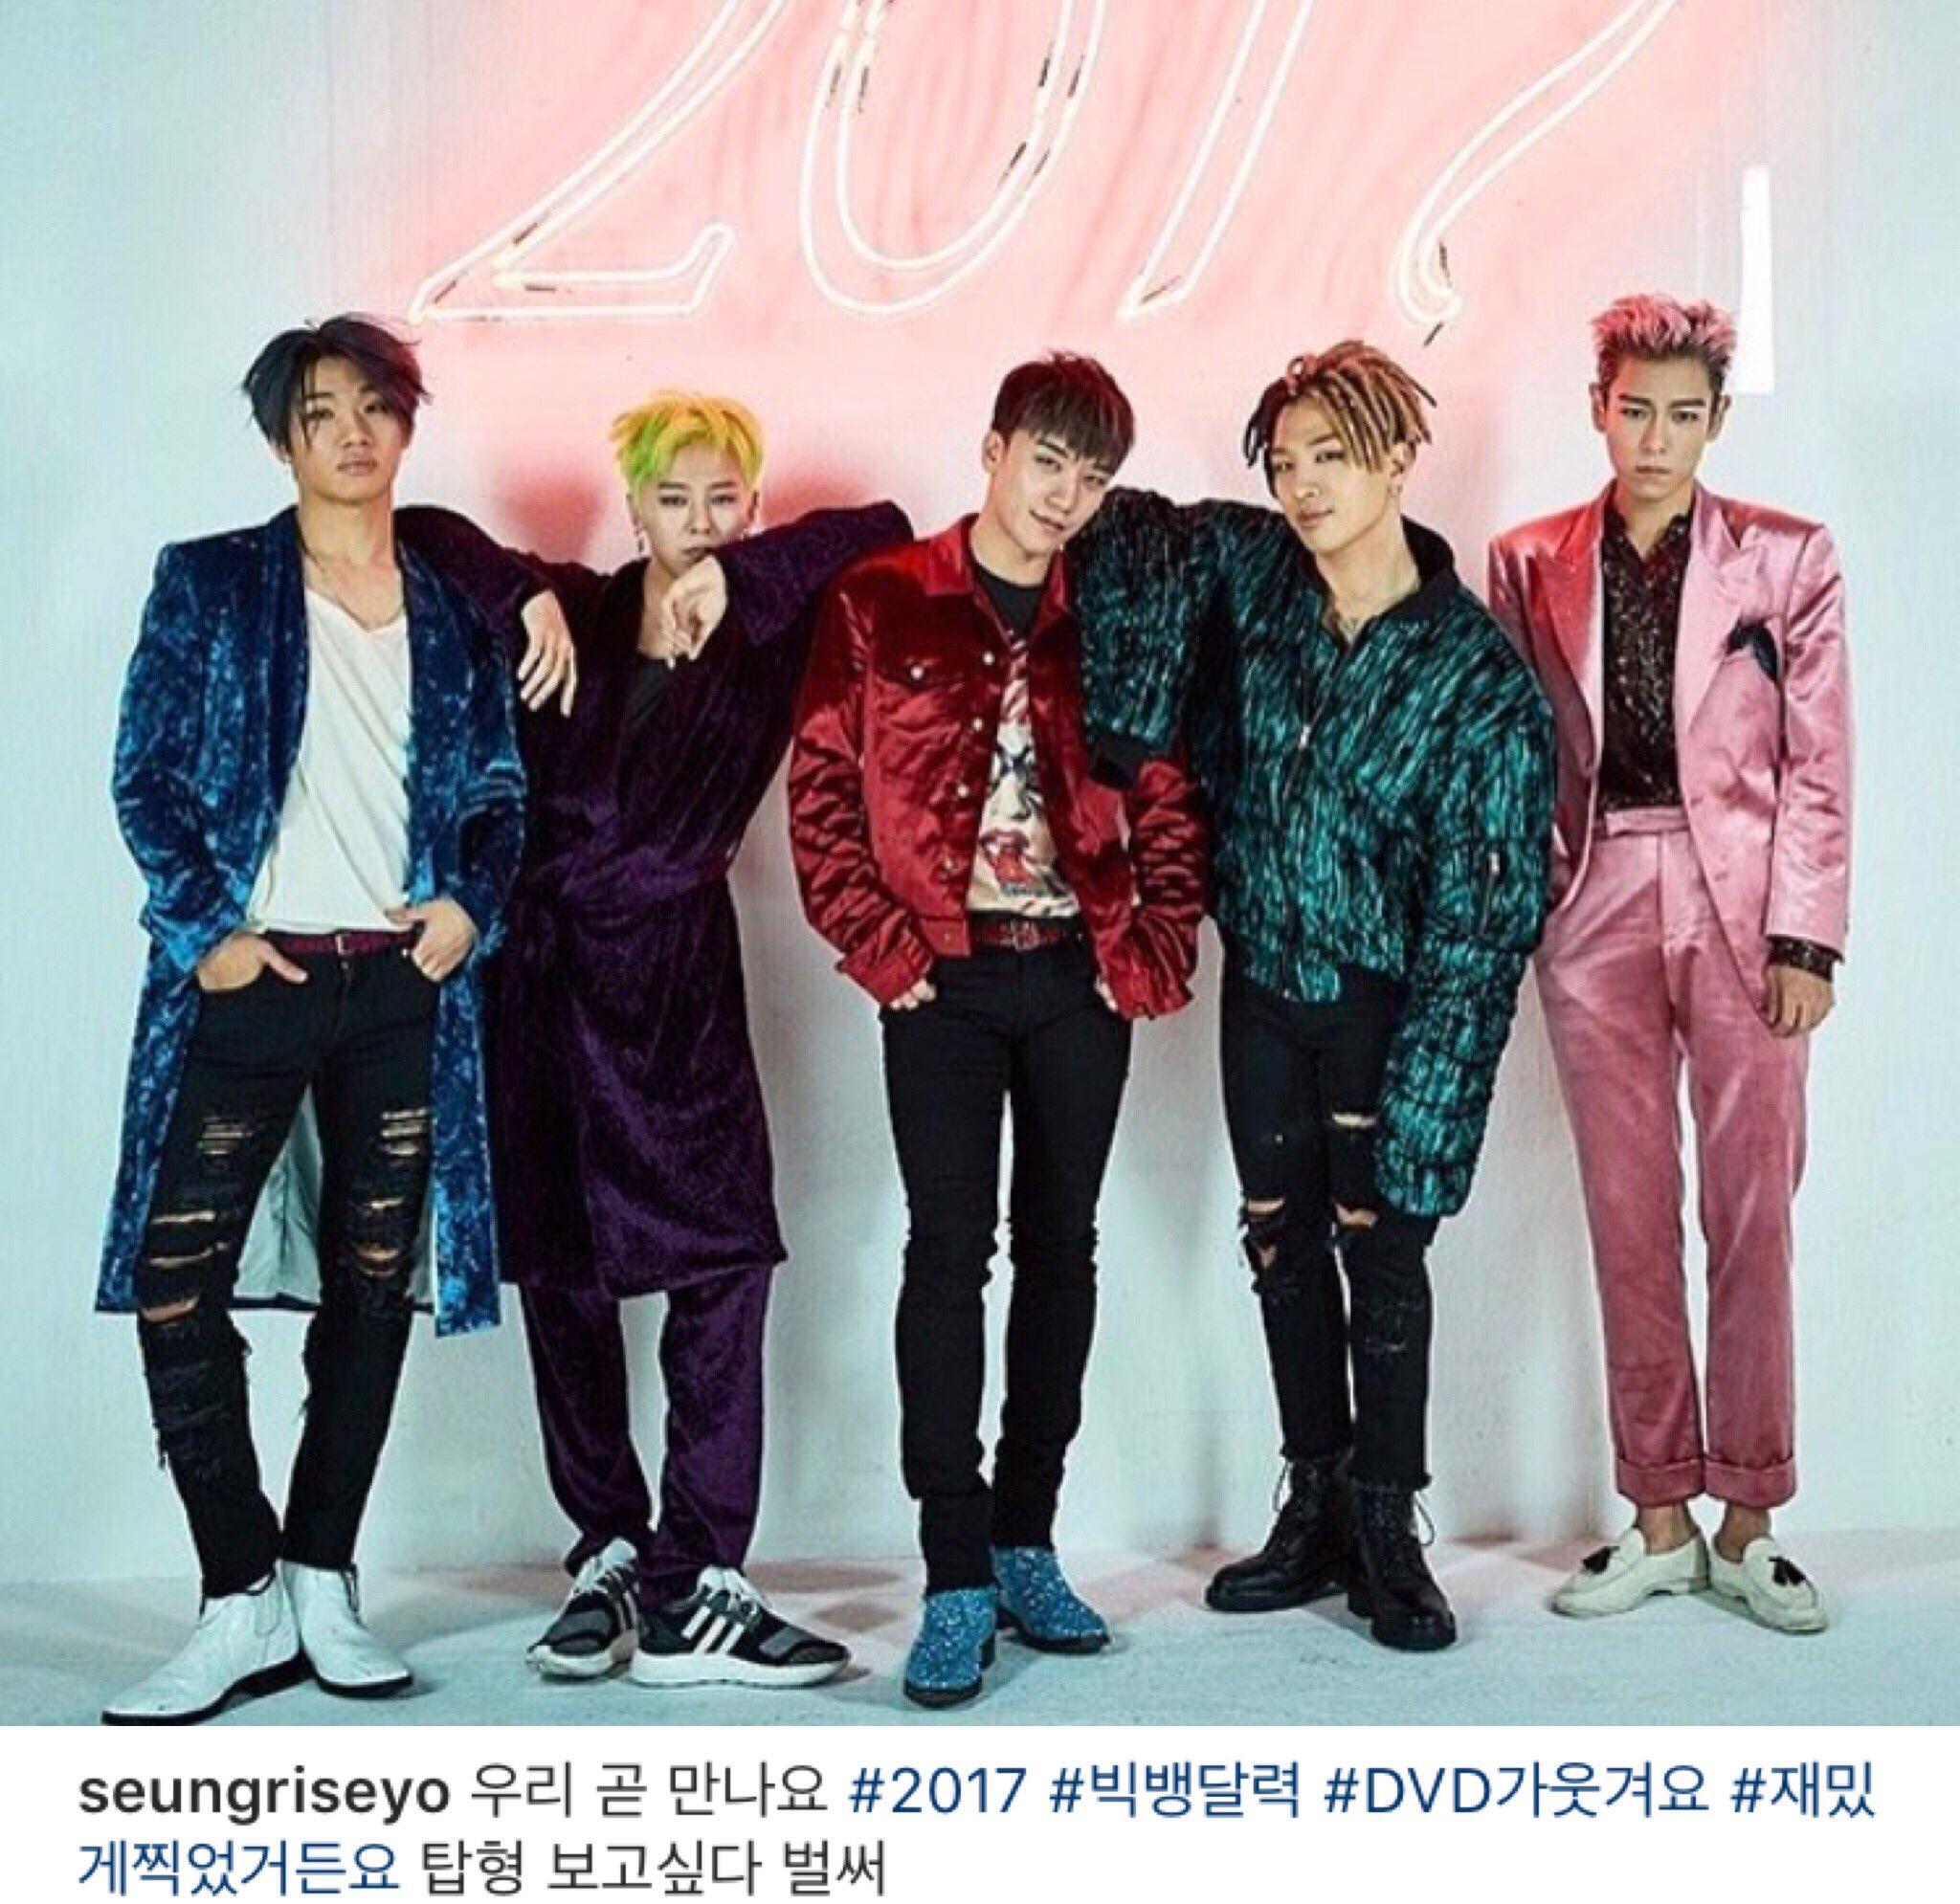 bang bang music video 2017 - photo #21